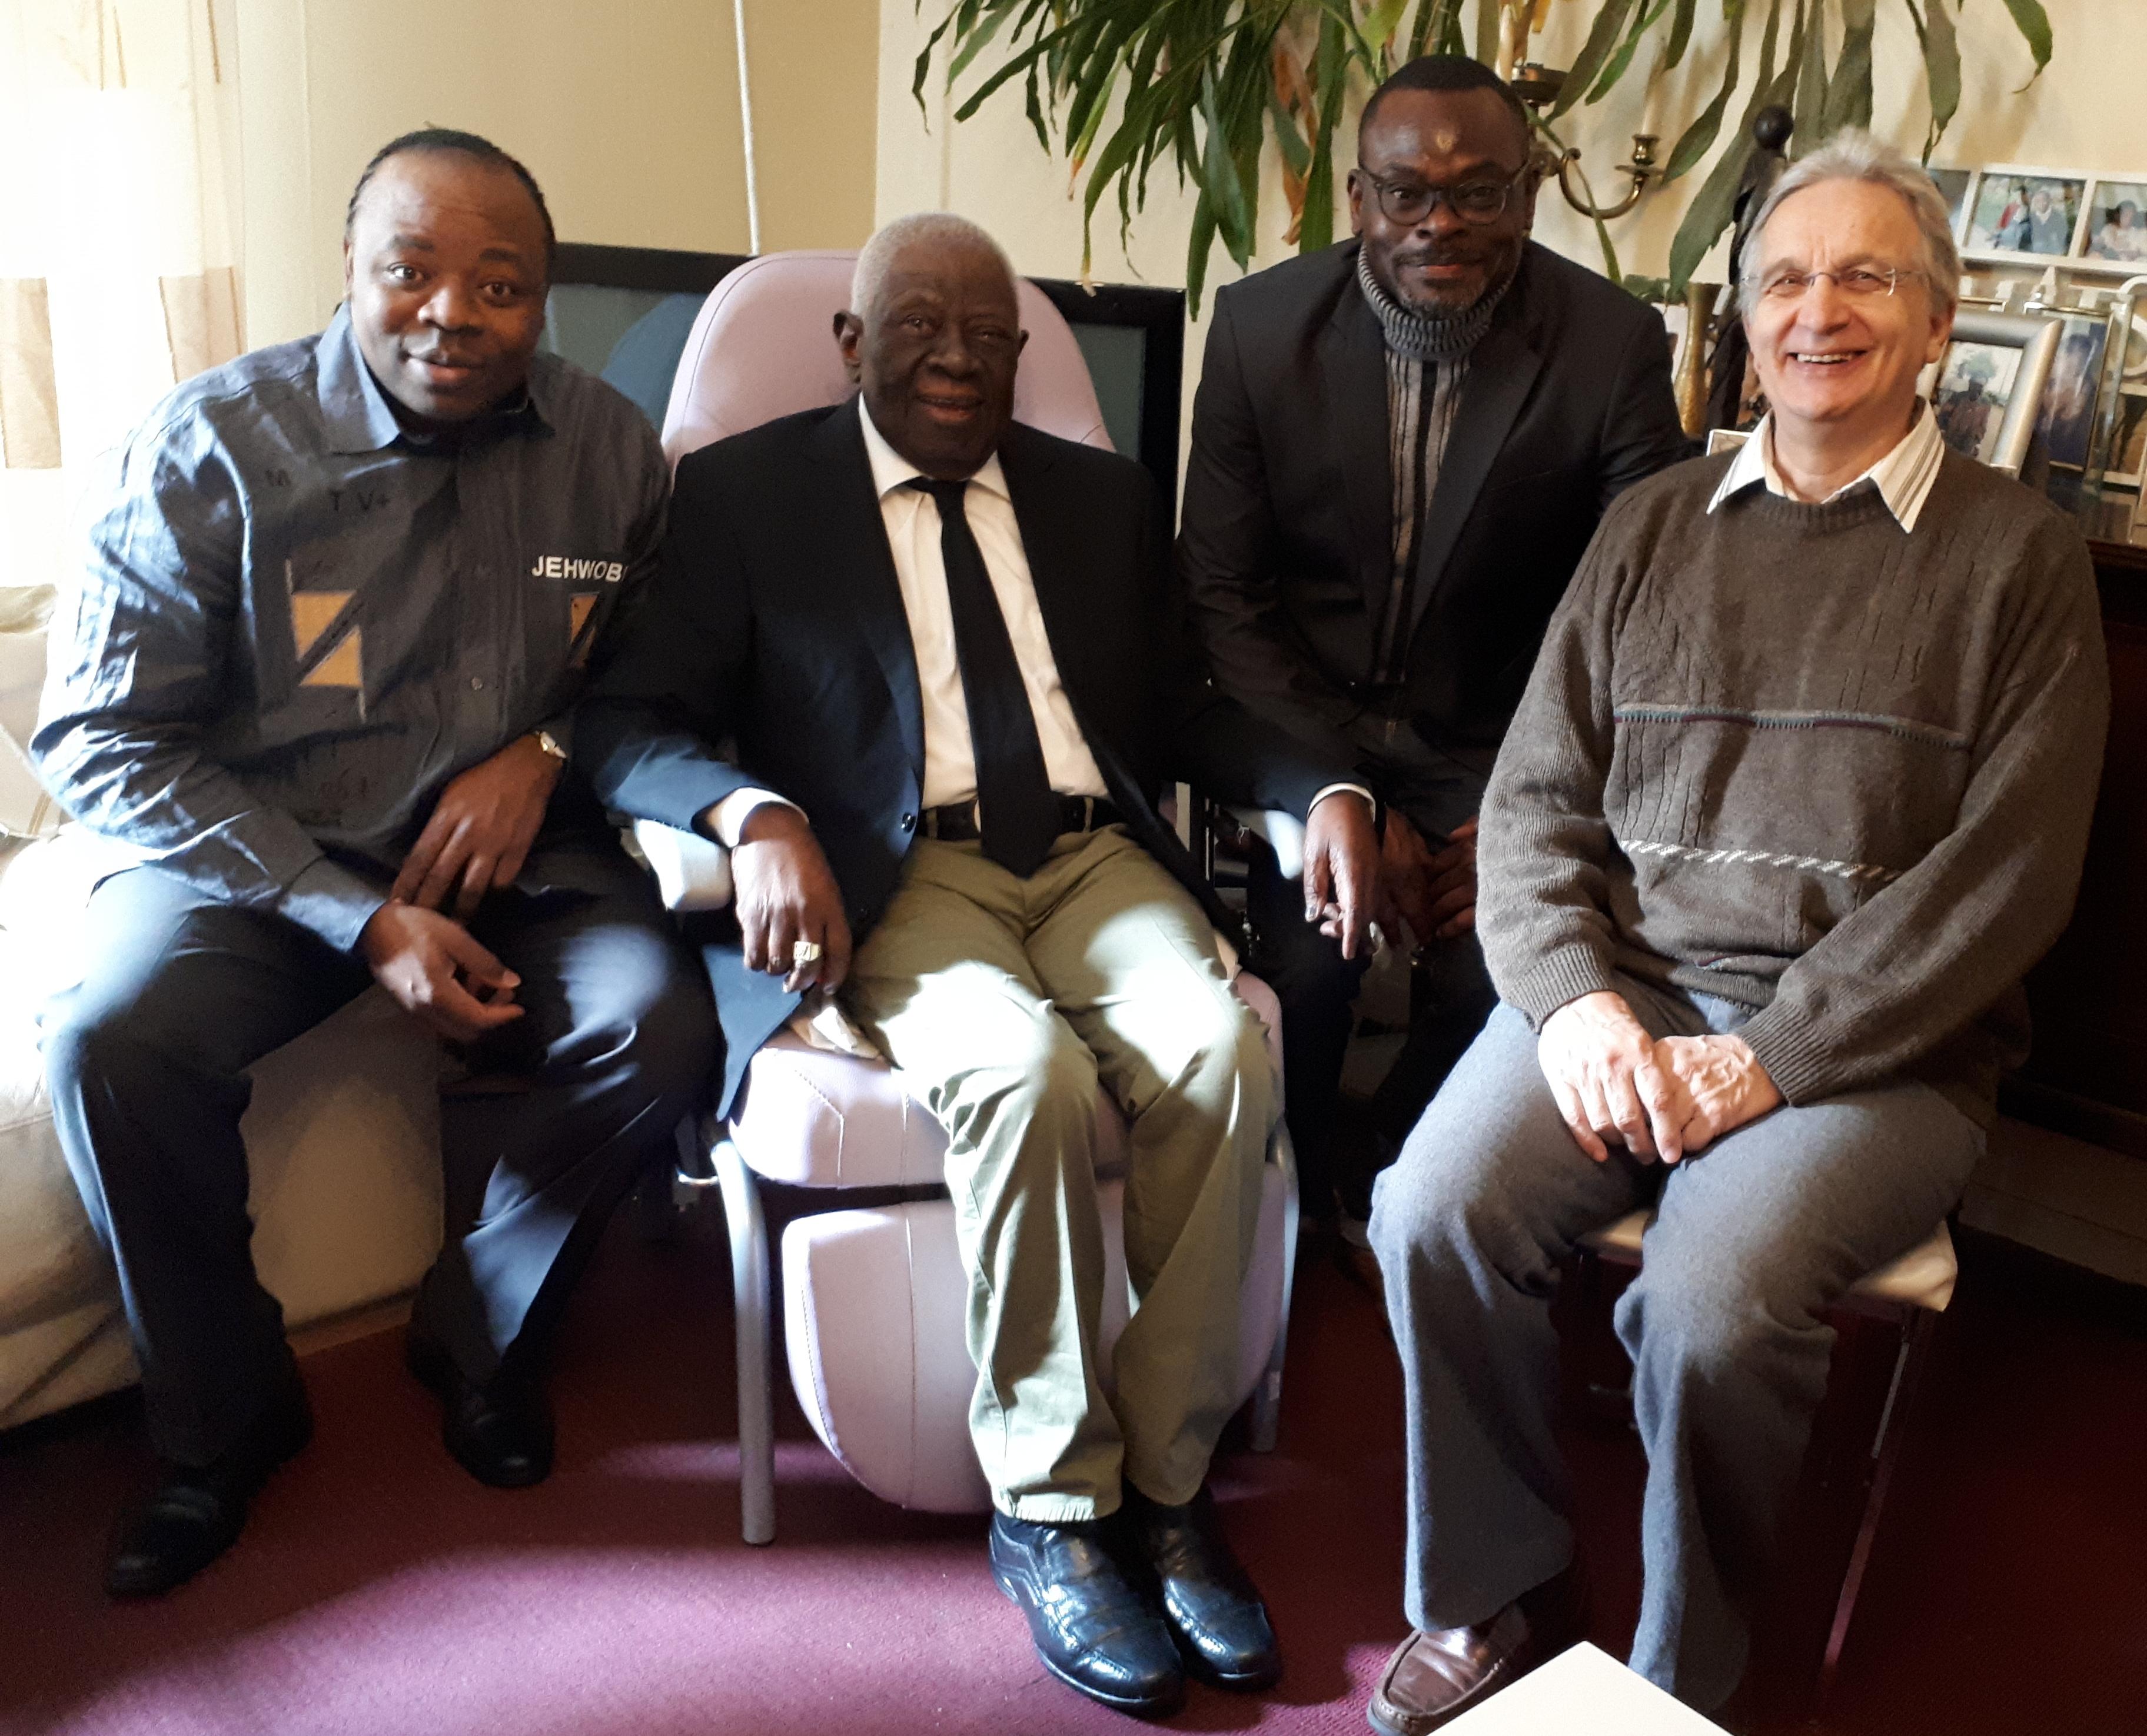 CAMEROUN:LE PROCUREUR GÉNÉRAL PRES LA COUR SUPRÊME ASSIGNE SON PAYS en SUISSE.Vol 2(JMTV+)